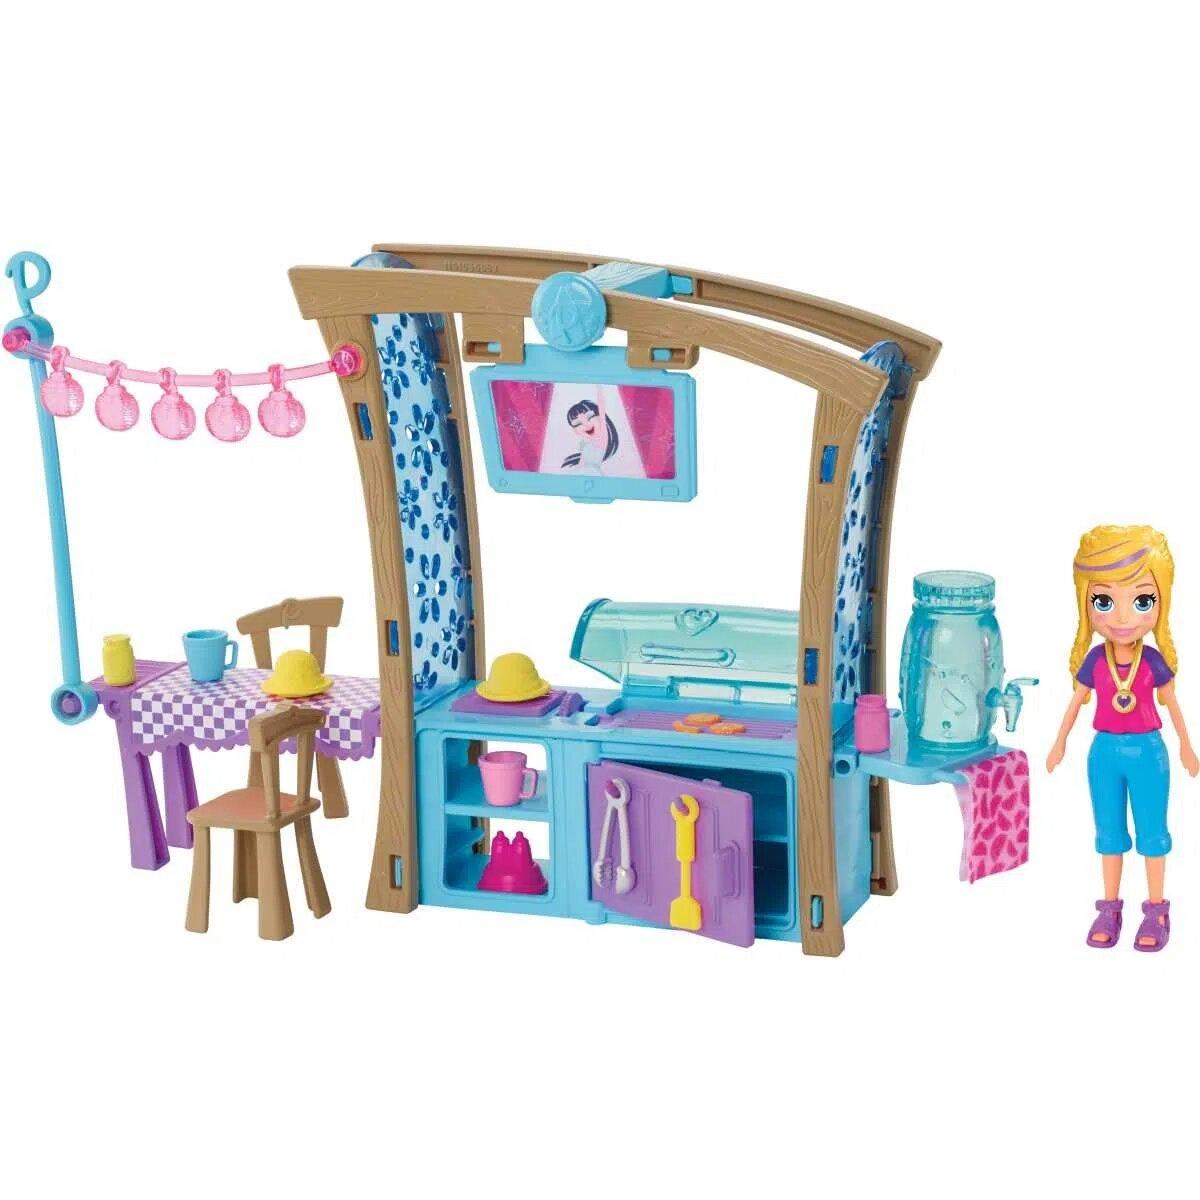 Polly Pocket Churrasco Divertido Com Acessórios Gdm17 Mattel